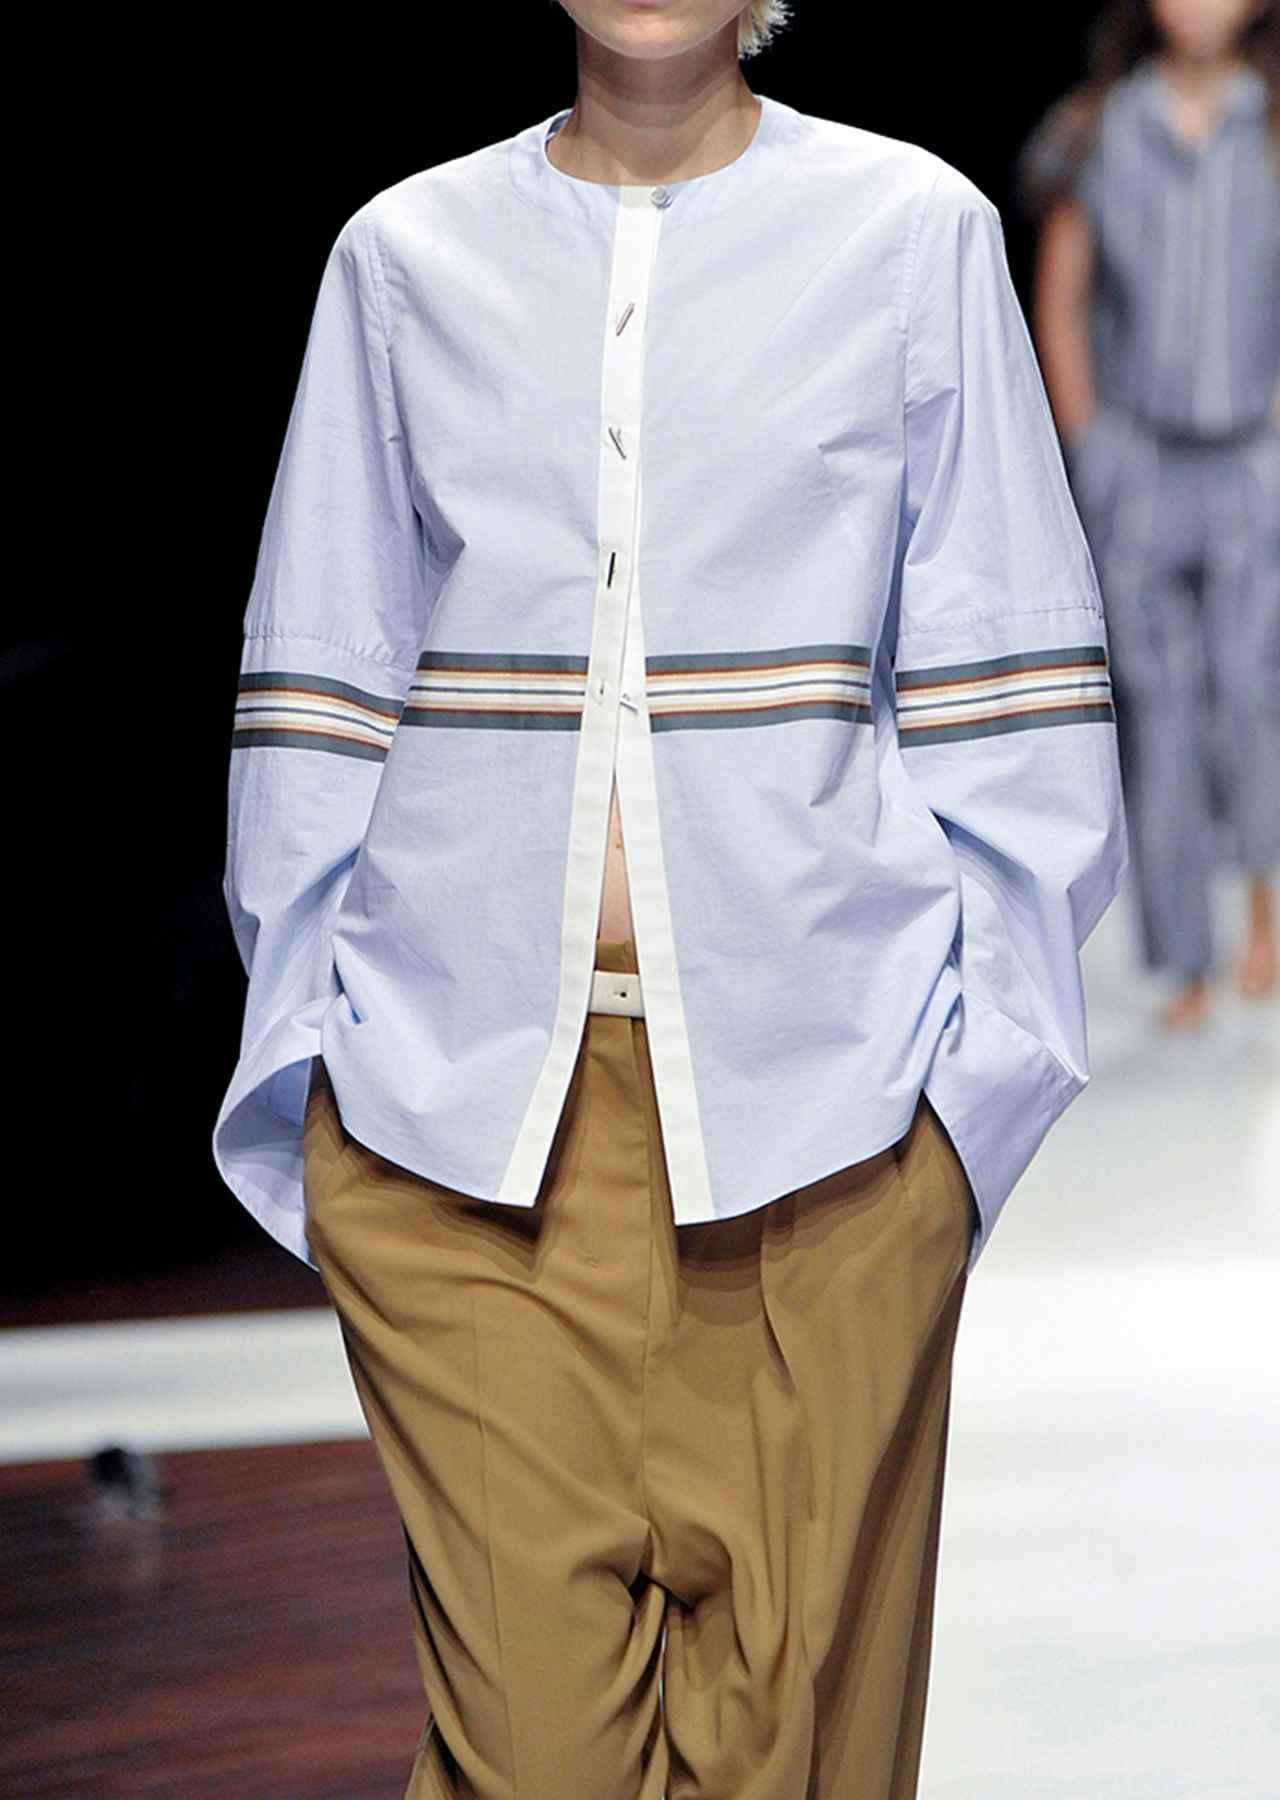 Images : 6番目の画像 - 「いい服に、ありがとう。 「サポートサーフェス」の服が 着心地よく美しい理由」のアルバム - T JAPAN:The New York Times Style Magazine 公式サイト